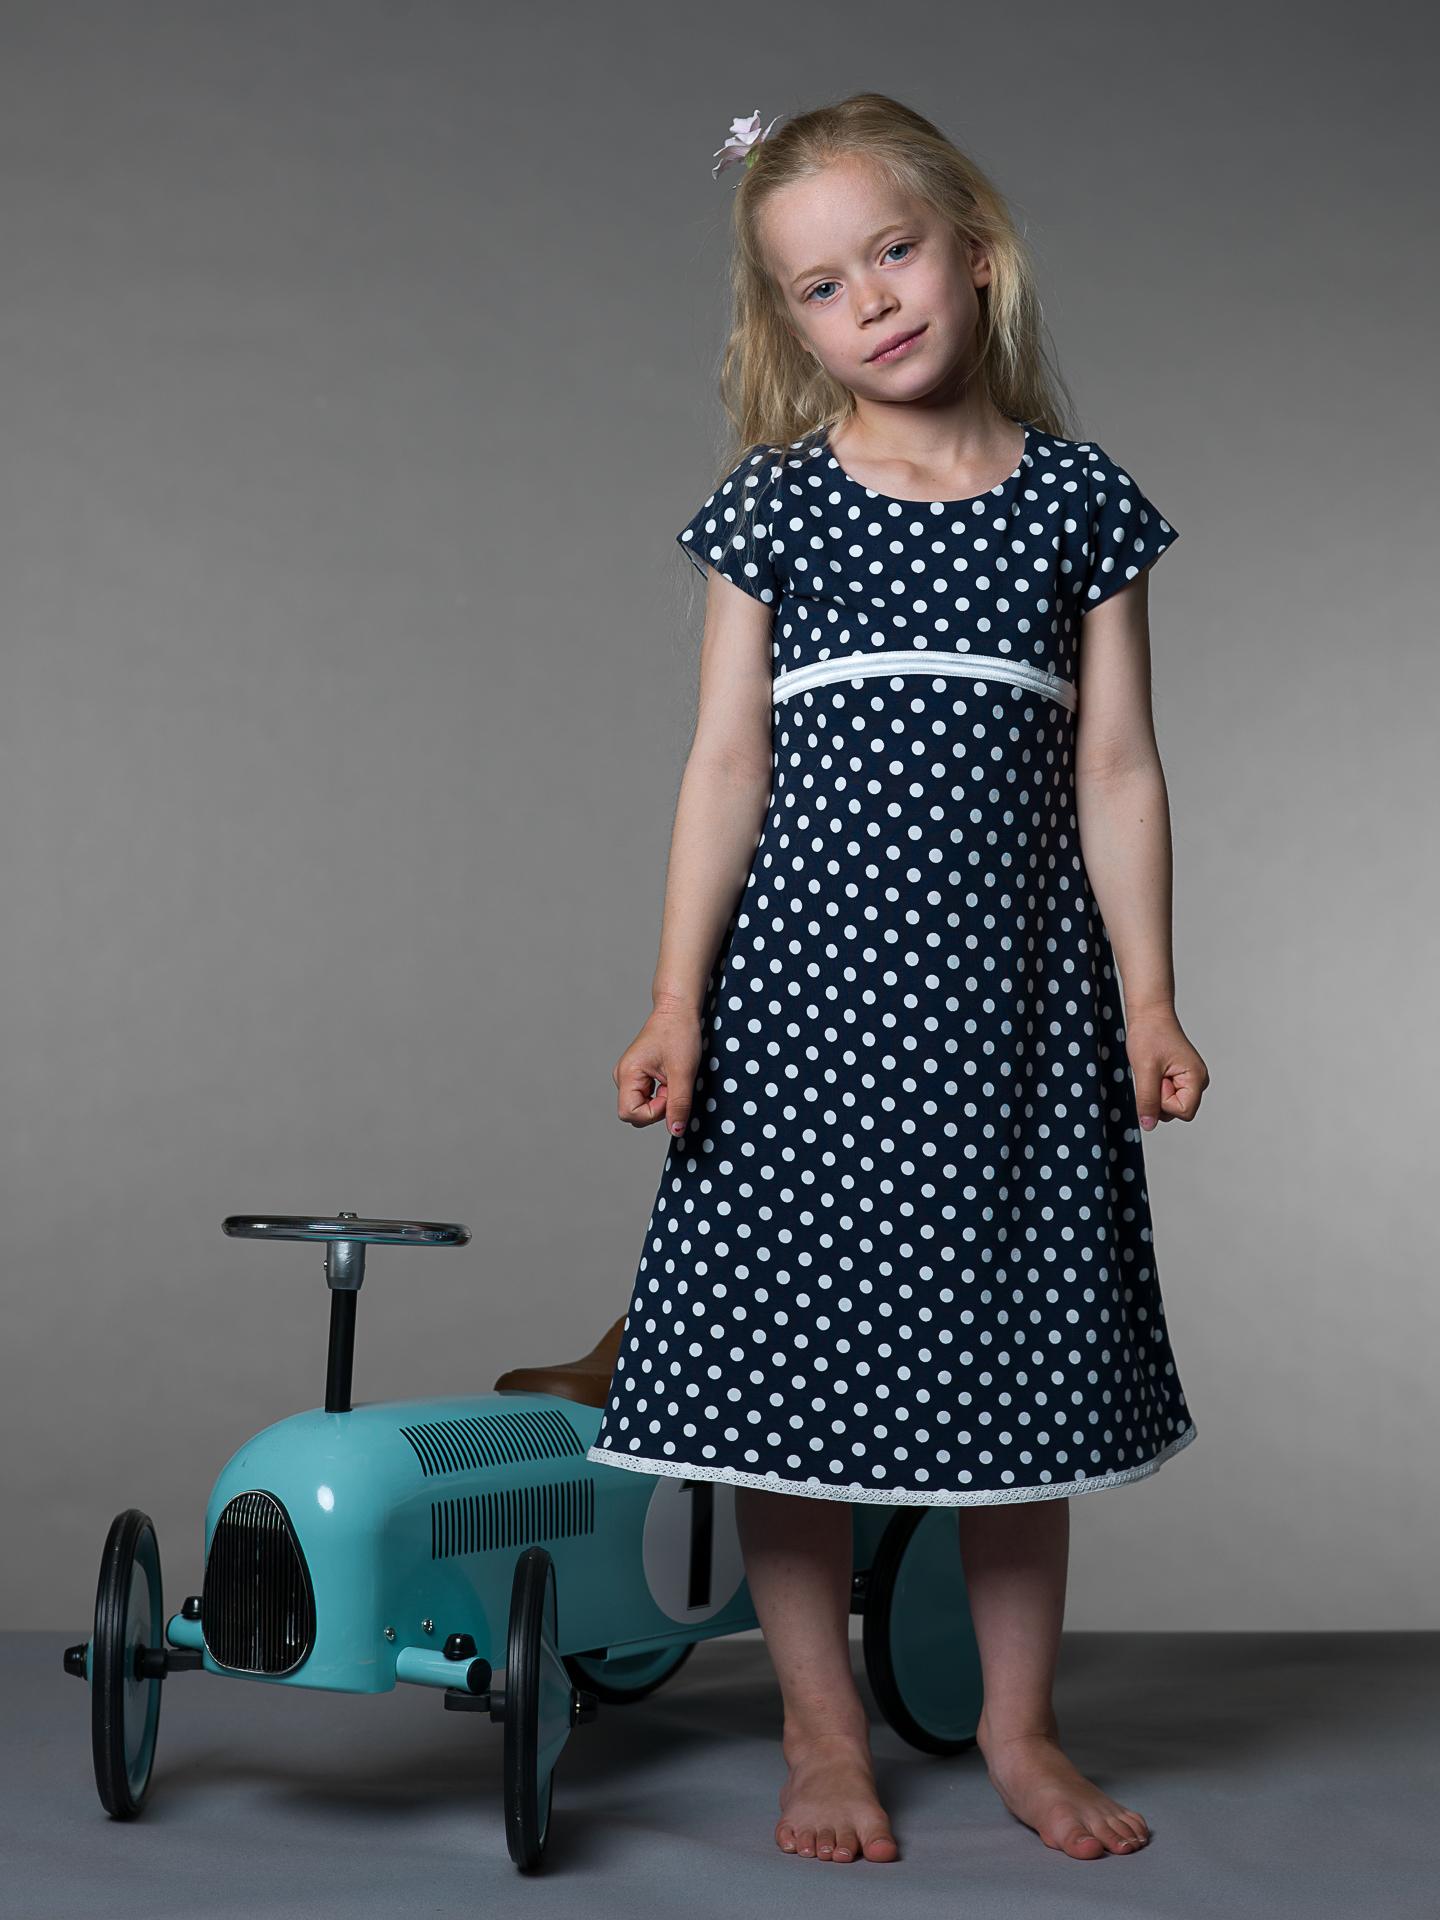 Rask Marineblå kjole, hvide prikker – Tøj til piger og drenge PO-18